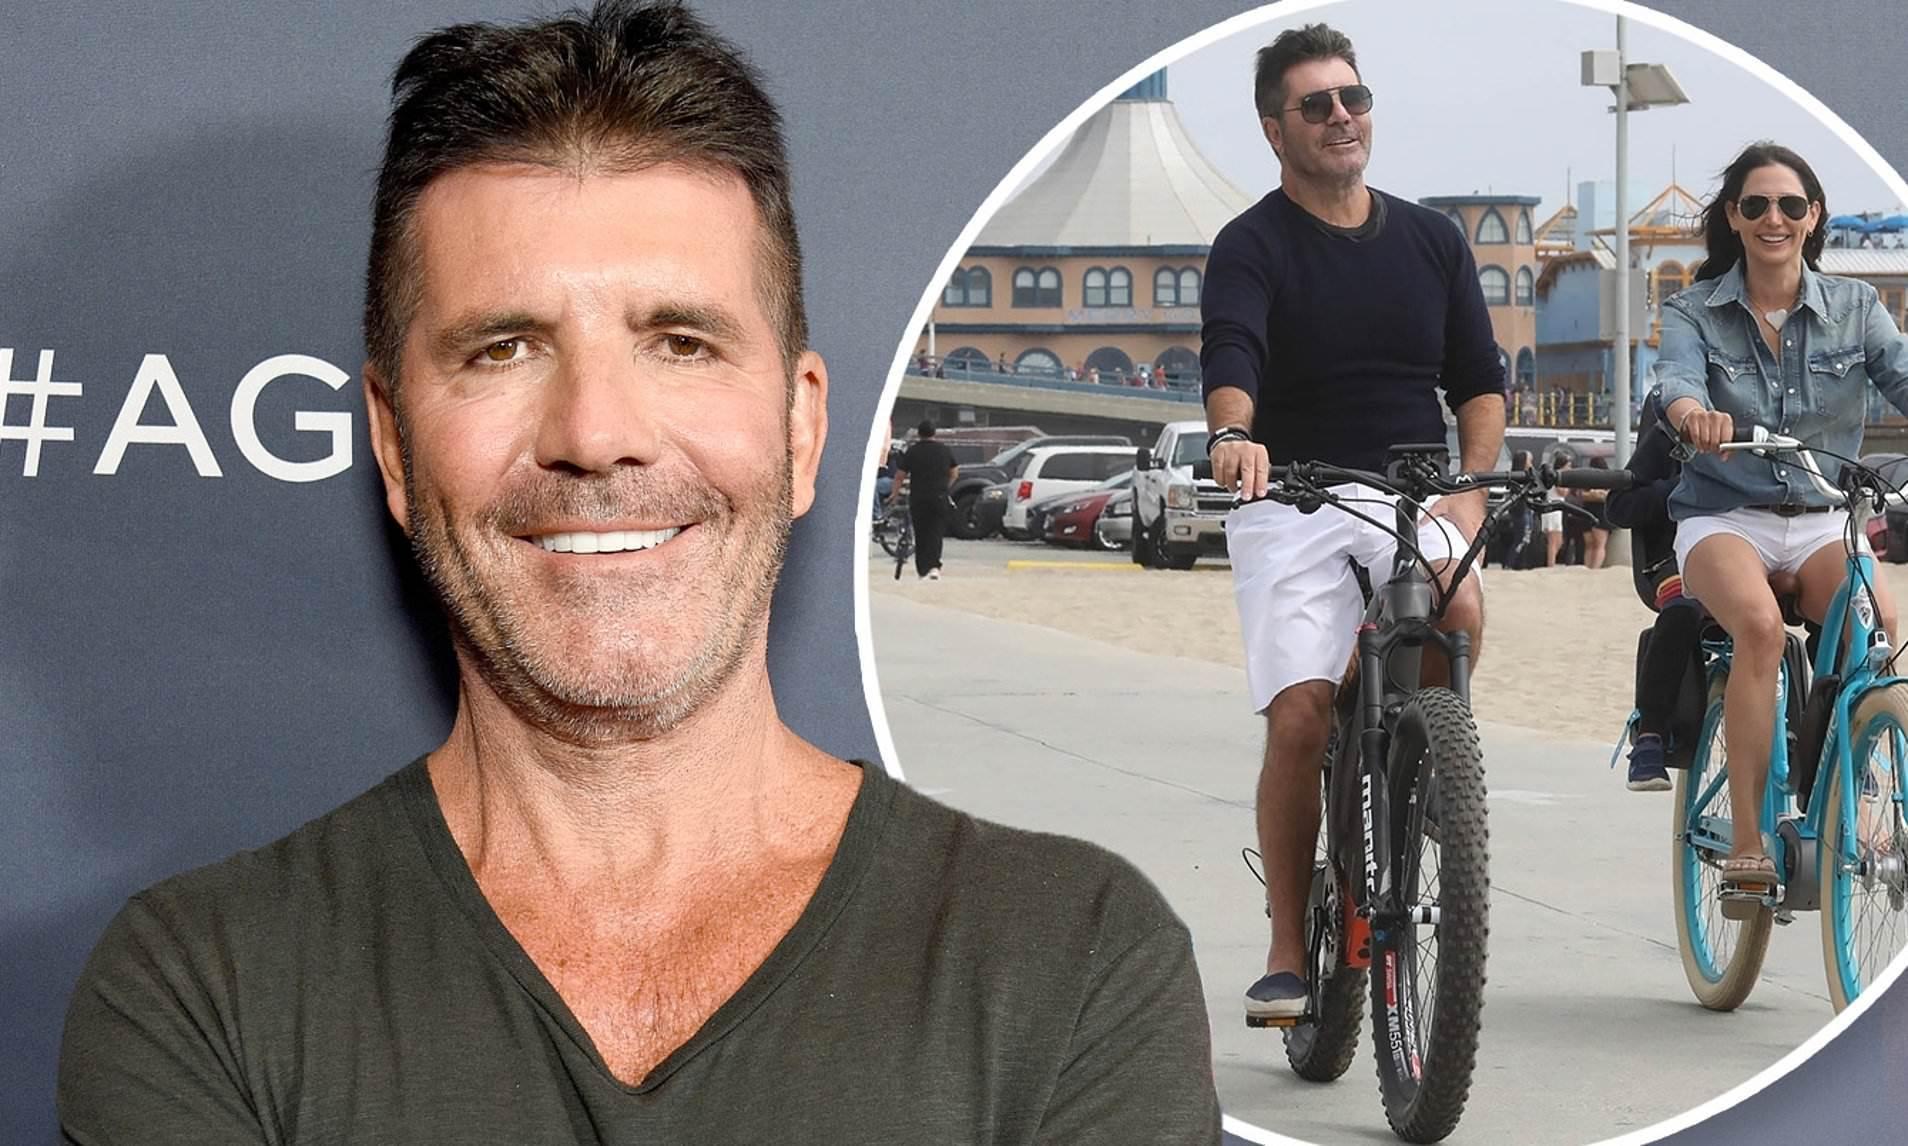 Giám khảo khó tính Simon Cowell ngã gẫy lưng khi đi xe đạp điện